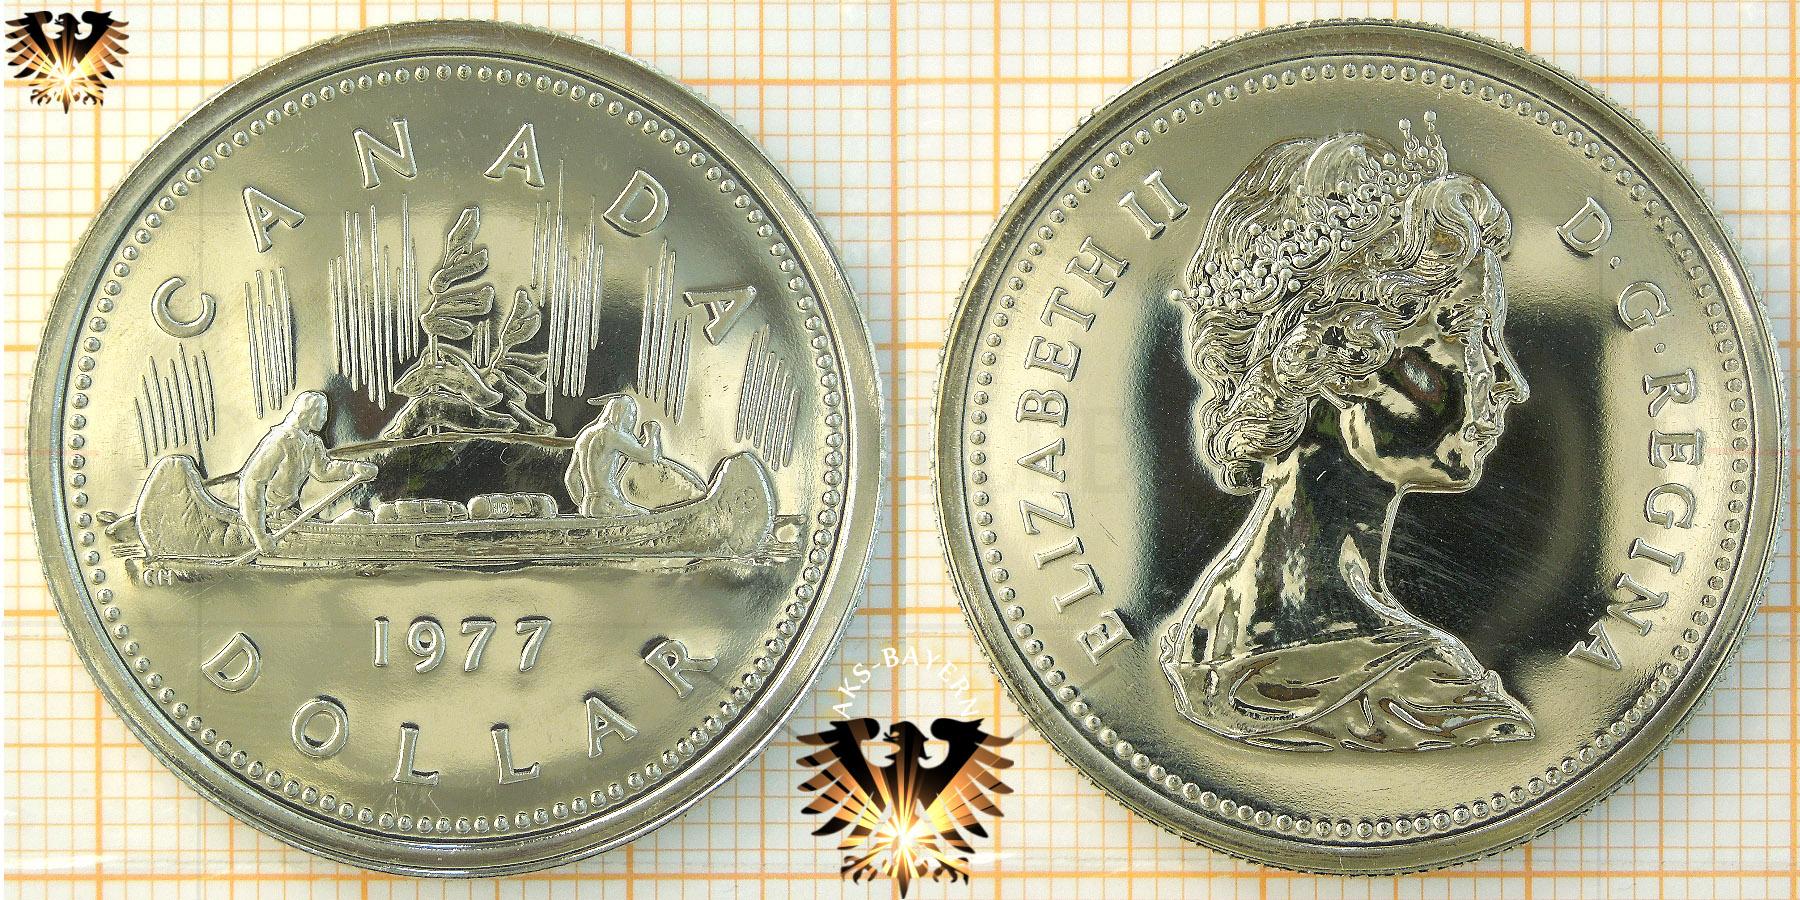 Münzarchiv Gold Silber Umlaufmünzen Aus Kanada Canada